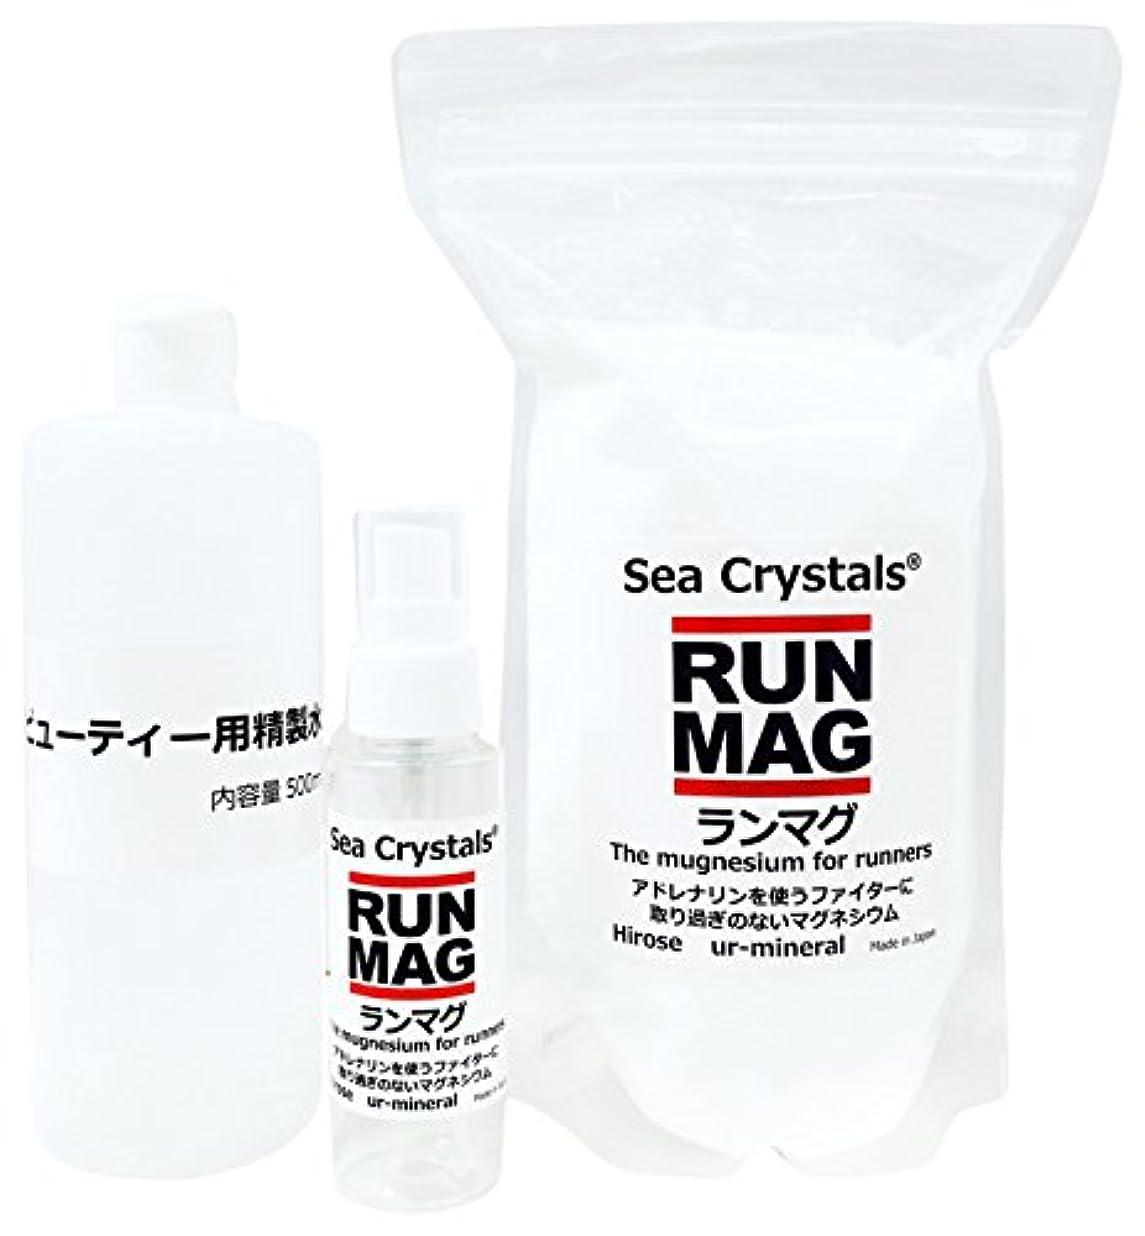 独立難破船シェアランマグ?マグネシウムオイル 500g 化粧品登録 日本製 1日マグネシウム360mg使用  精製水付き